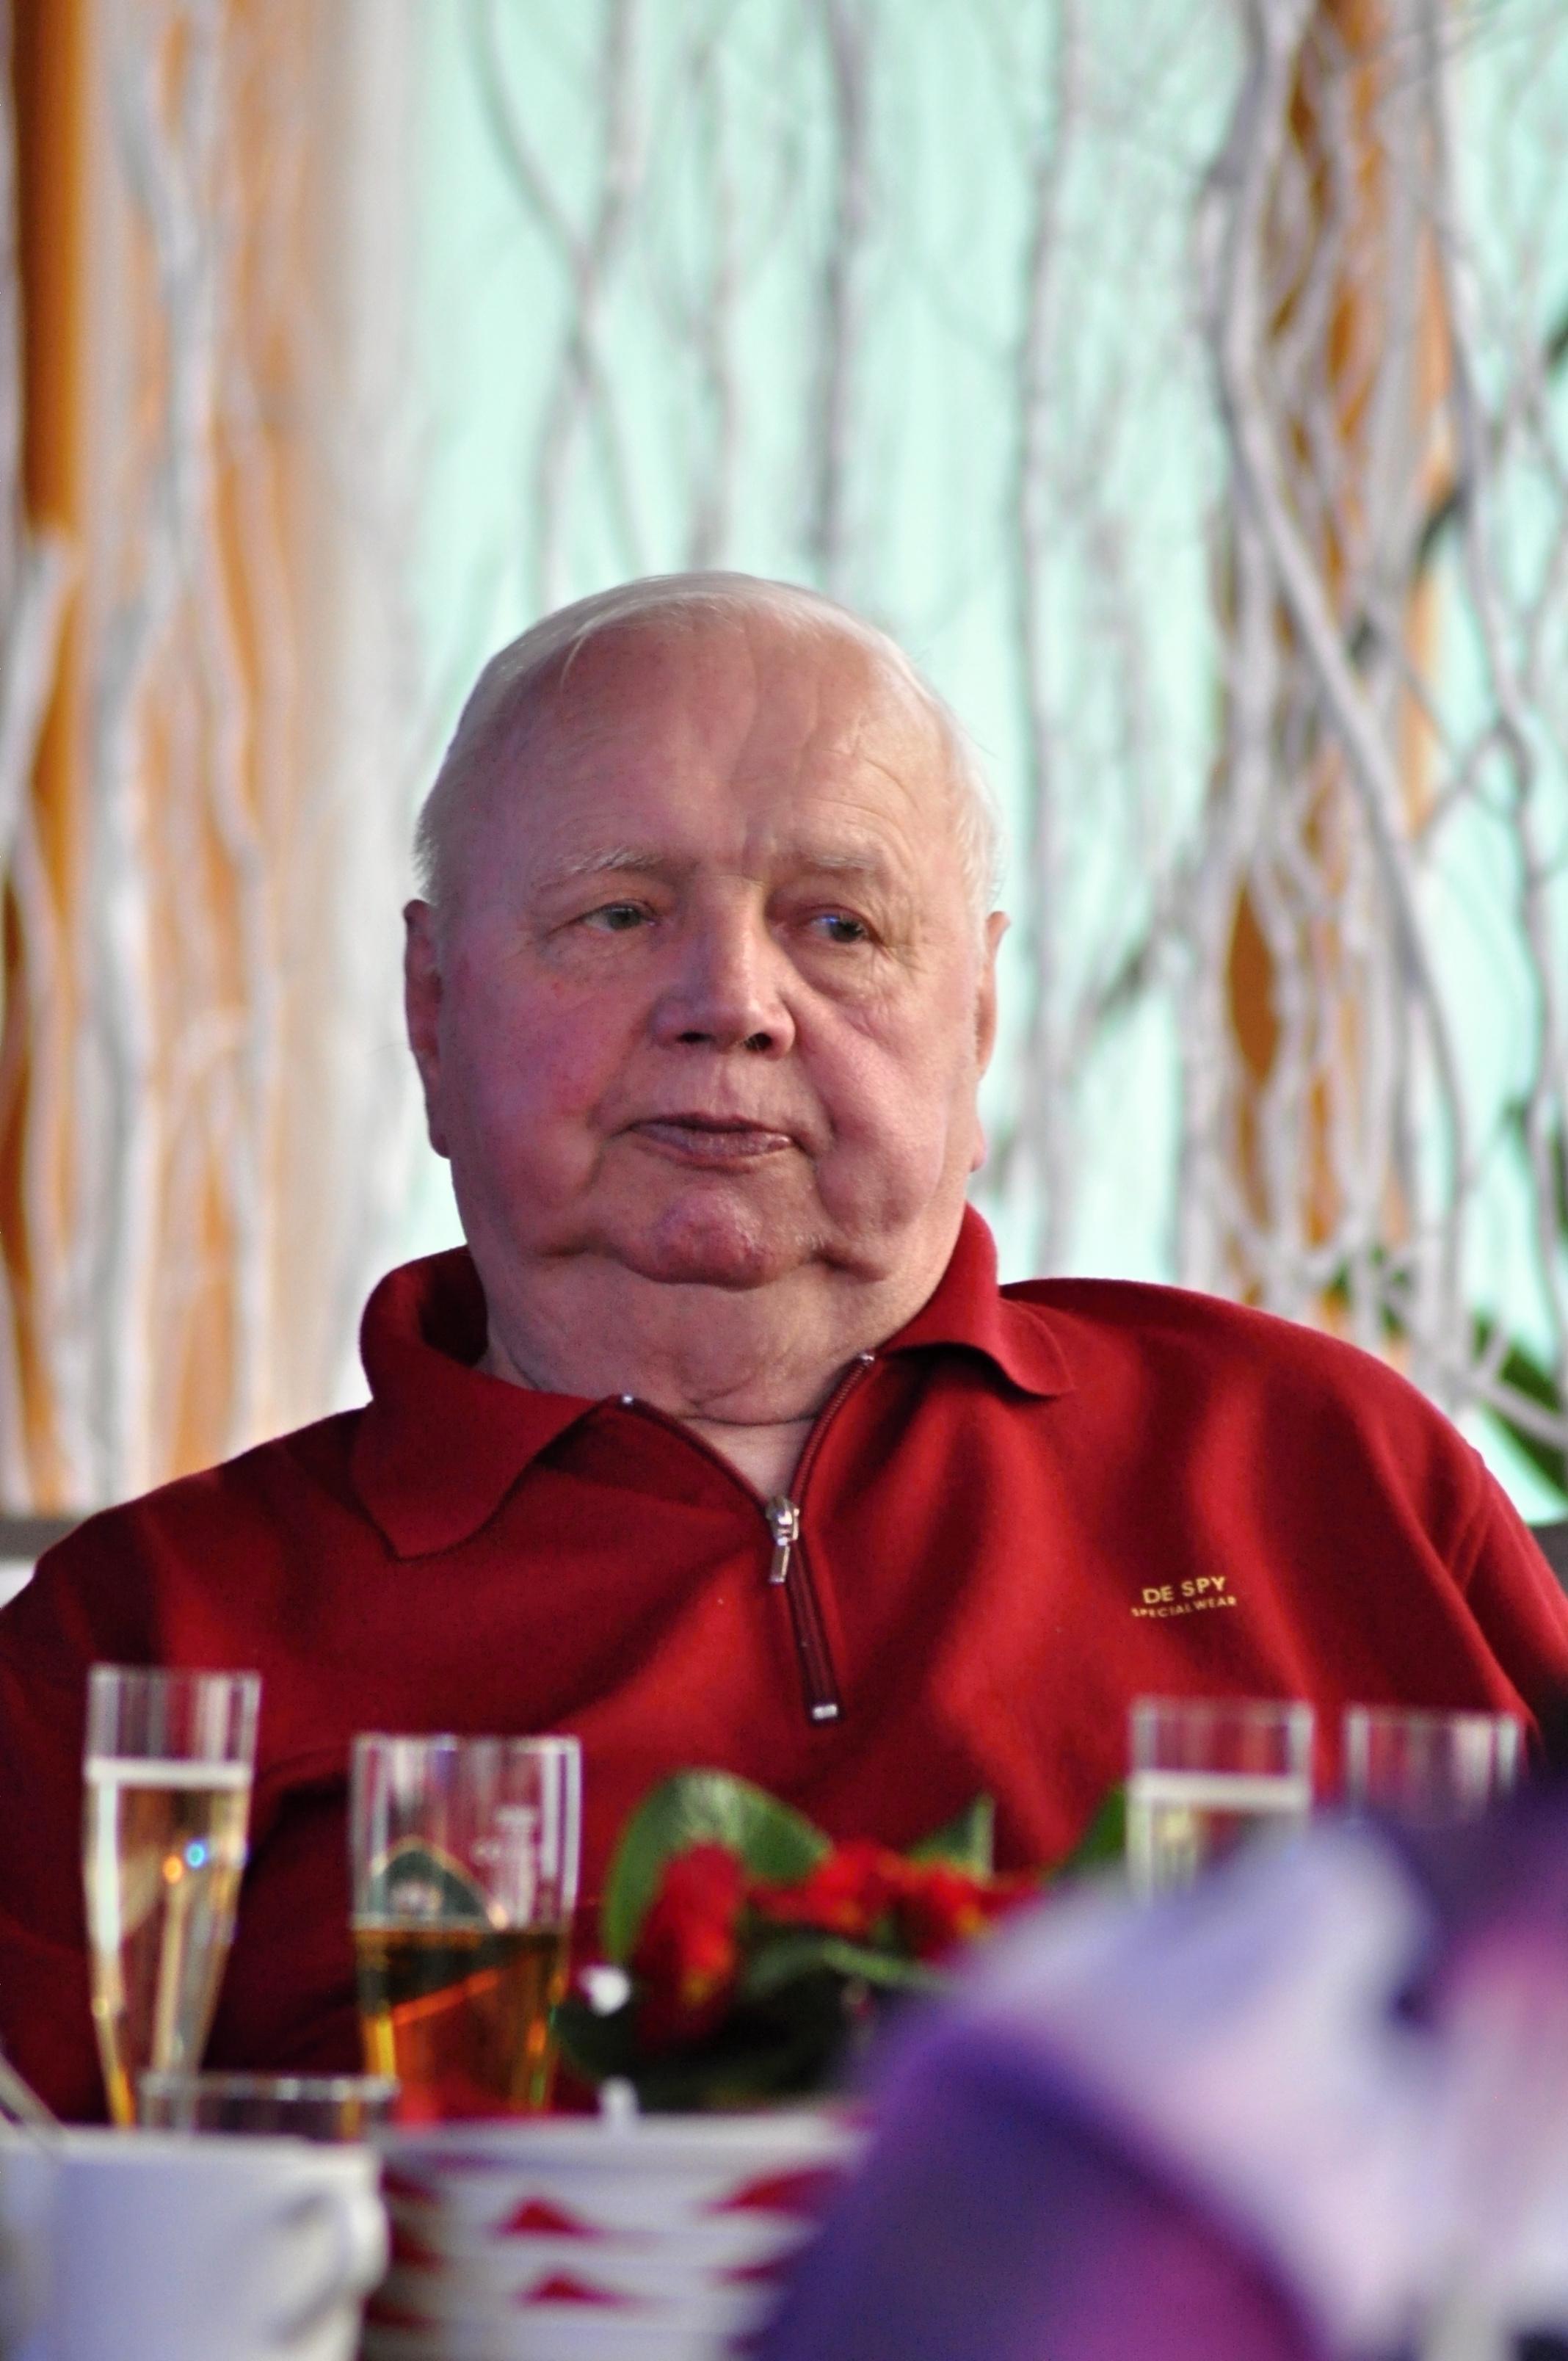 Petr_Průša_Photo026